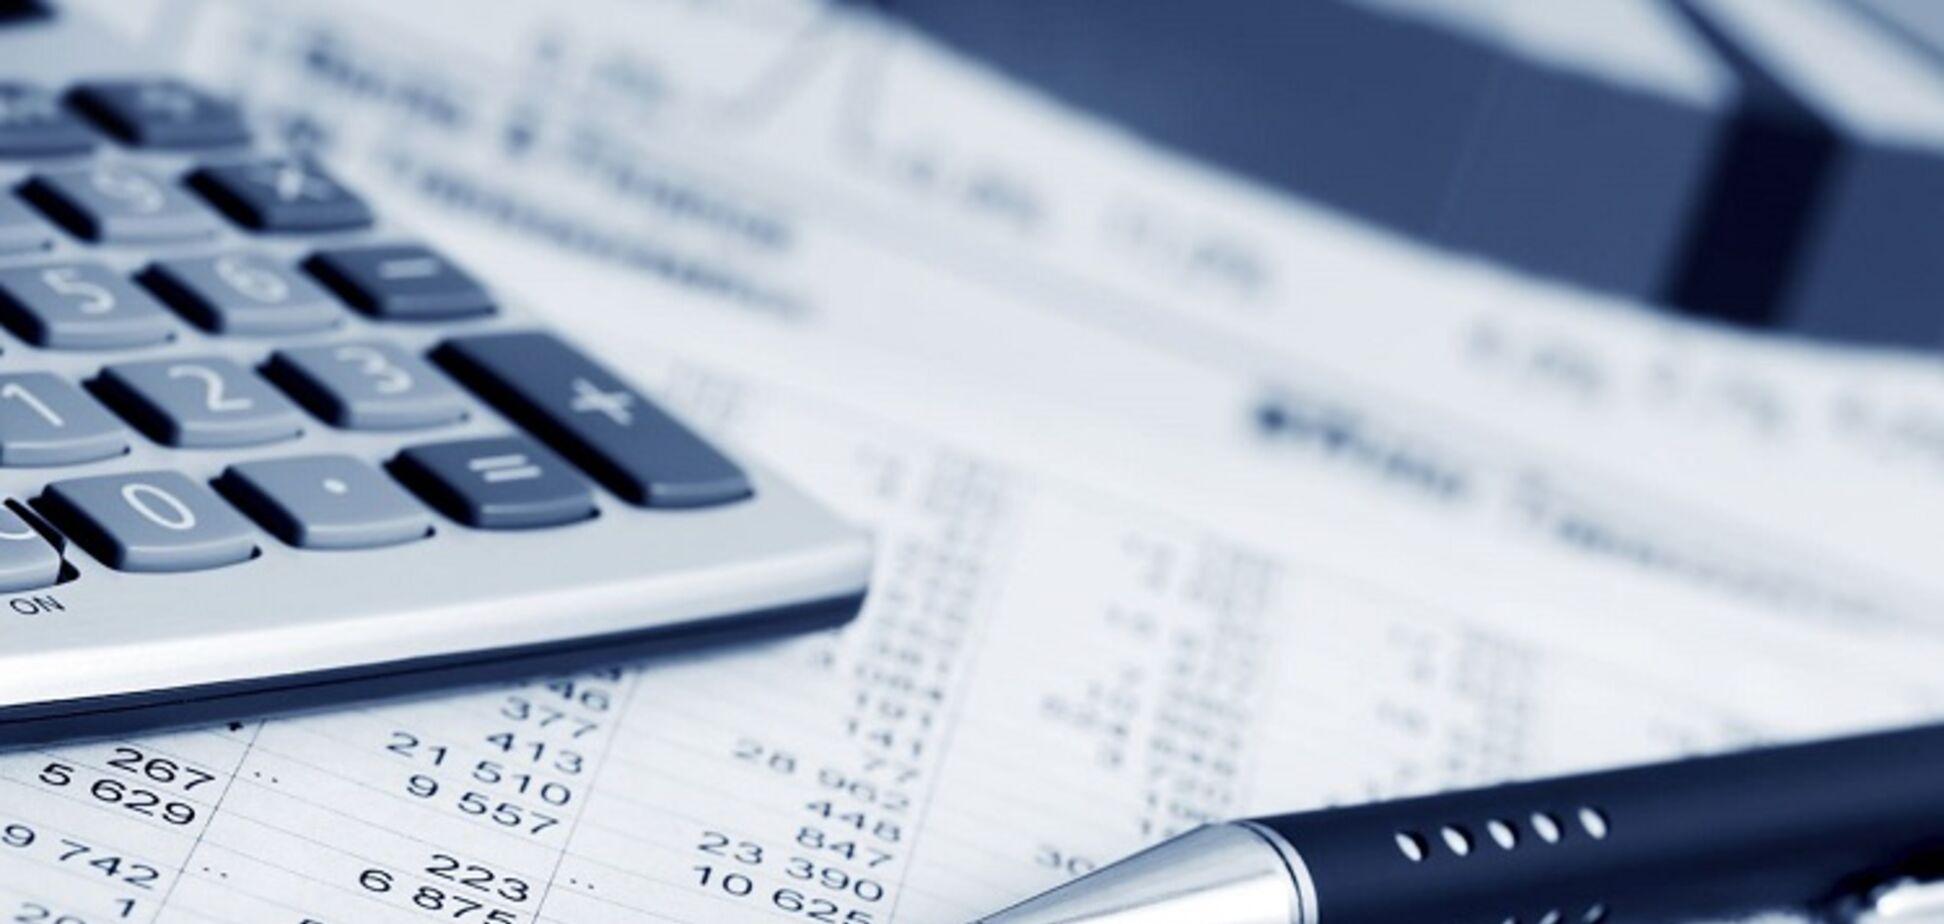 Усиление фискализации бизнеса в условиях кризиса – ключевая ошибка власти